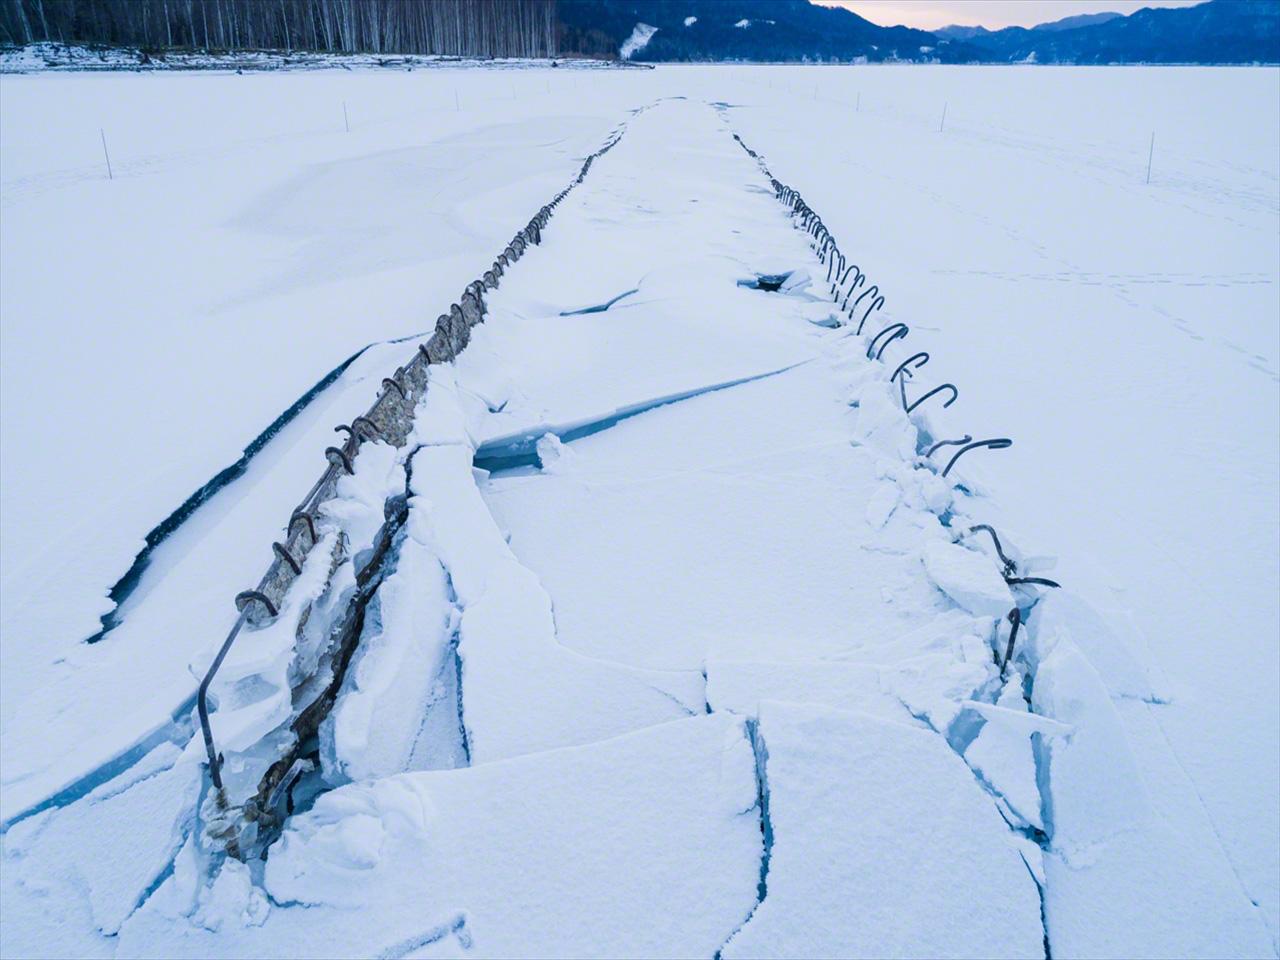 Diciembre. El puente va emergiendo, atravesando una capa de hielo que se hace más gruesa día a día.